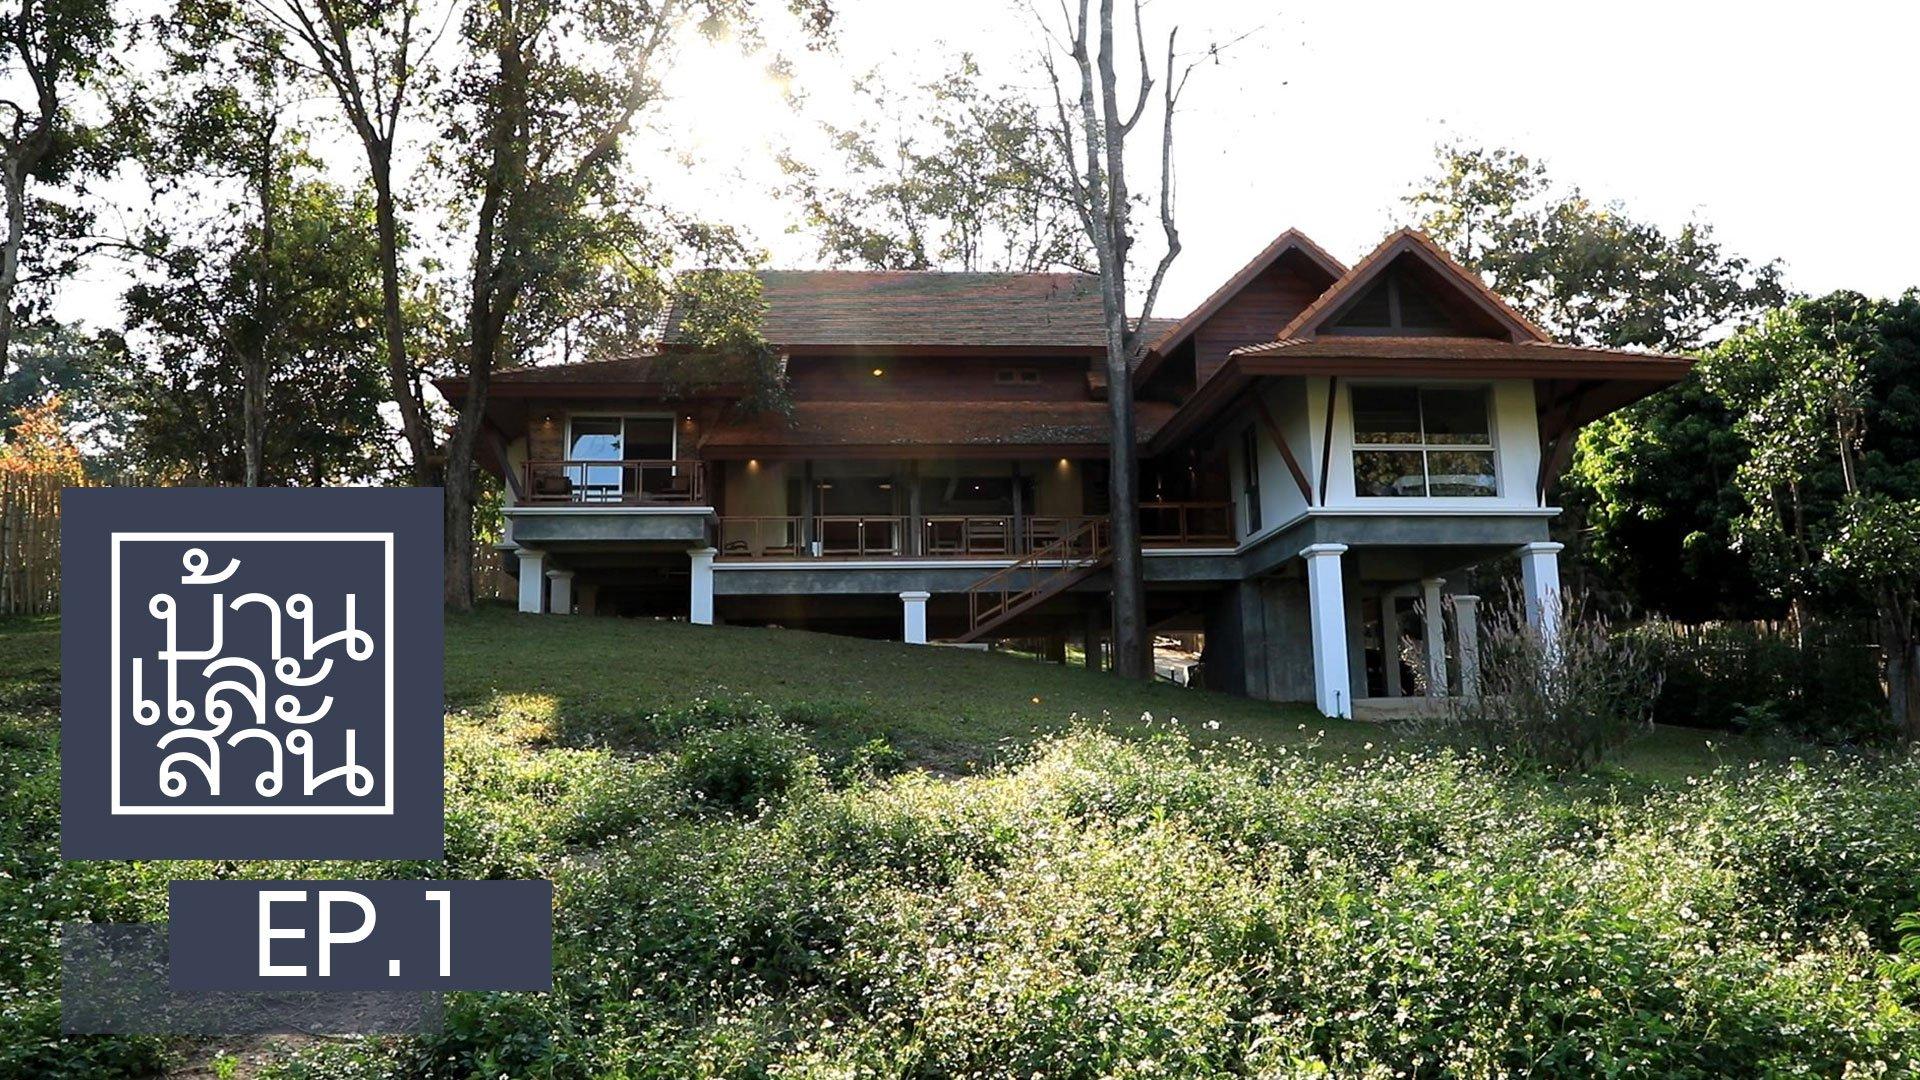 บ้านและสวน   EP.1   2 ก.พ. 63   AMARIN TVHD34